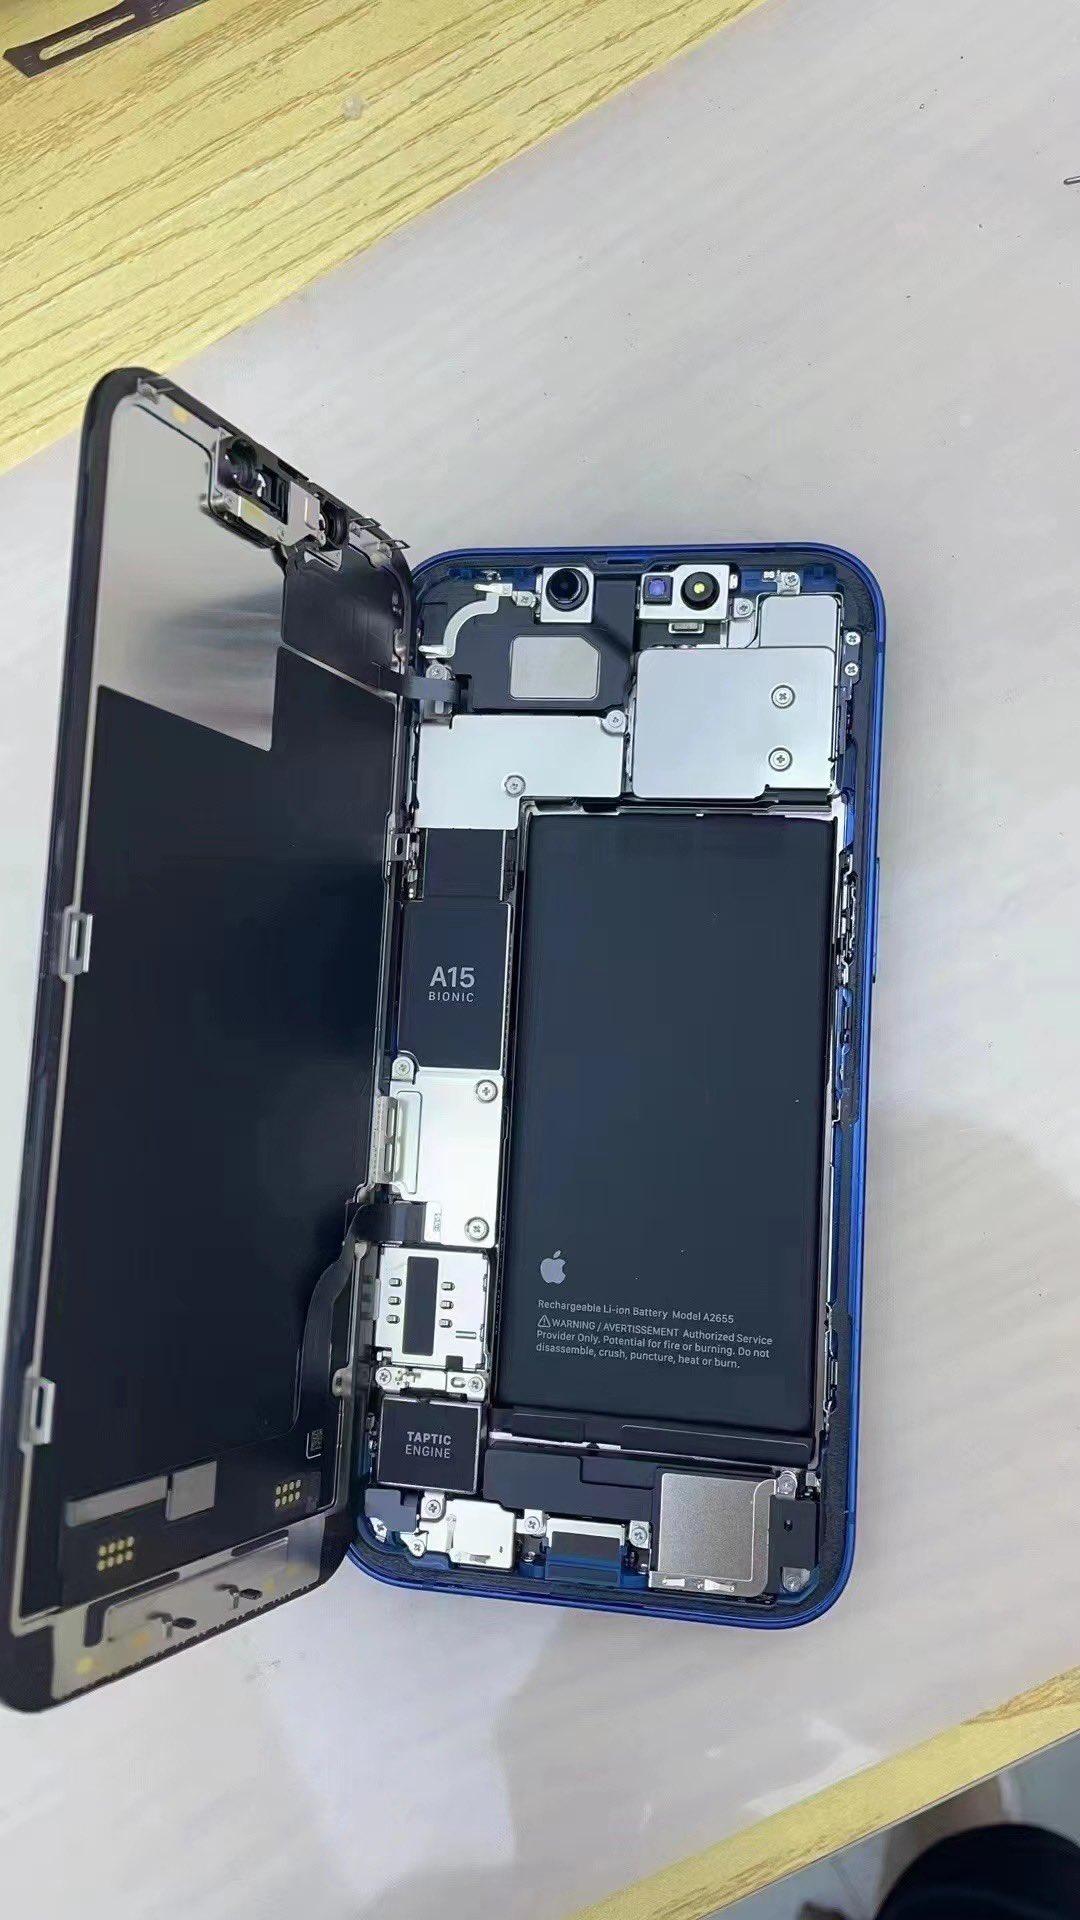 蘋果 iPhone 13 內部設計曝光:采用更大的電池